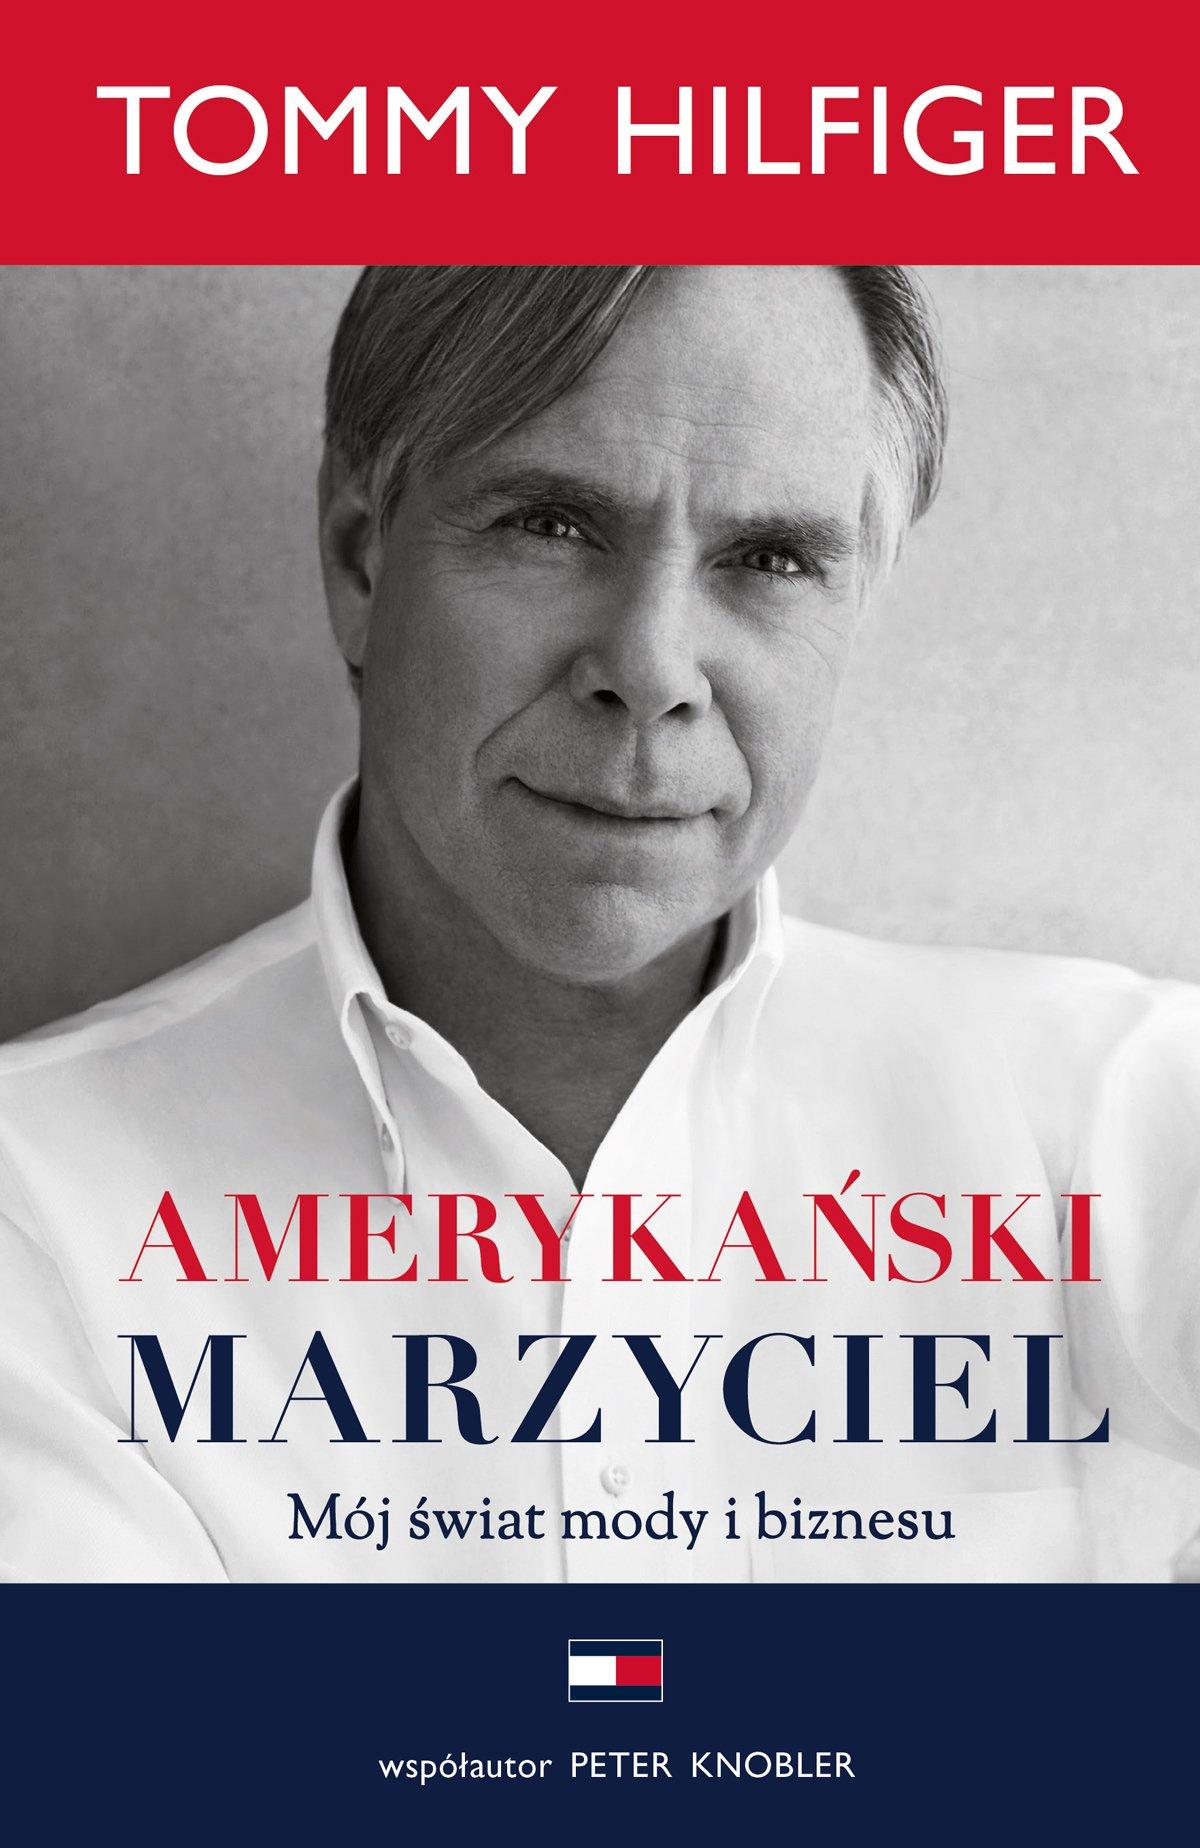 Amerykański marzyciel. Mój świat mody i biznesu - Ebook (Książka na Kindle) do pobrania w formacie MOBI